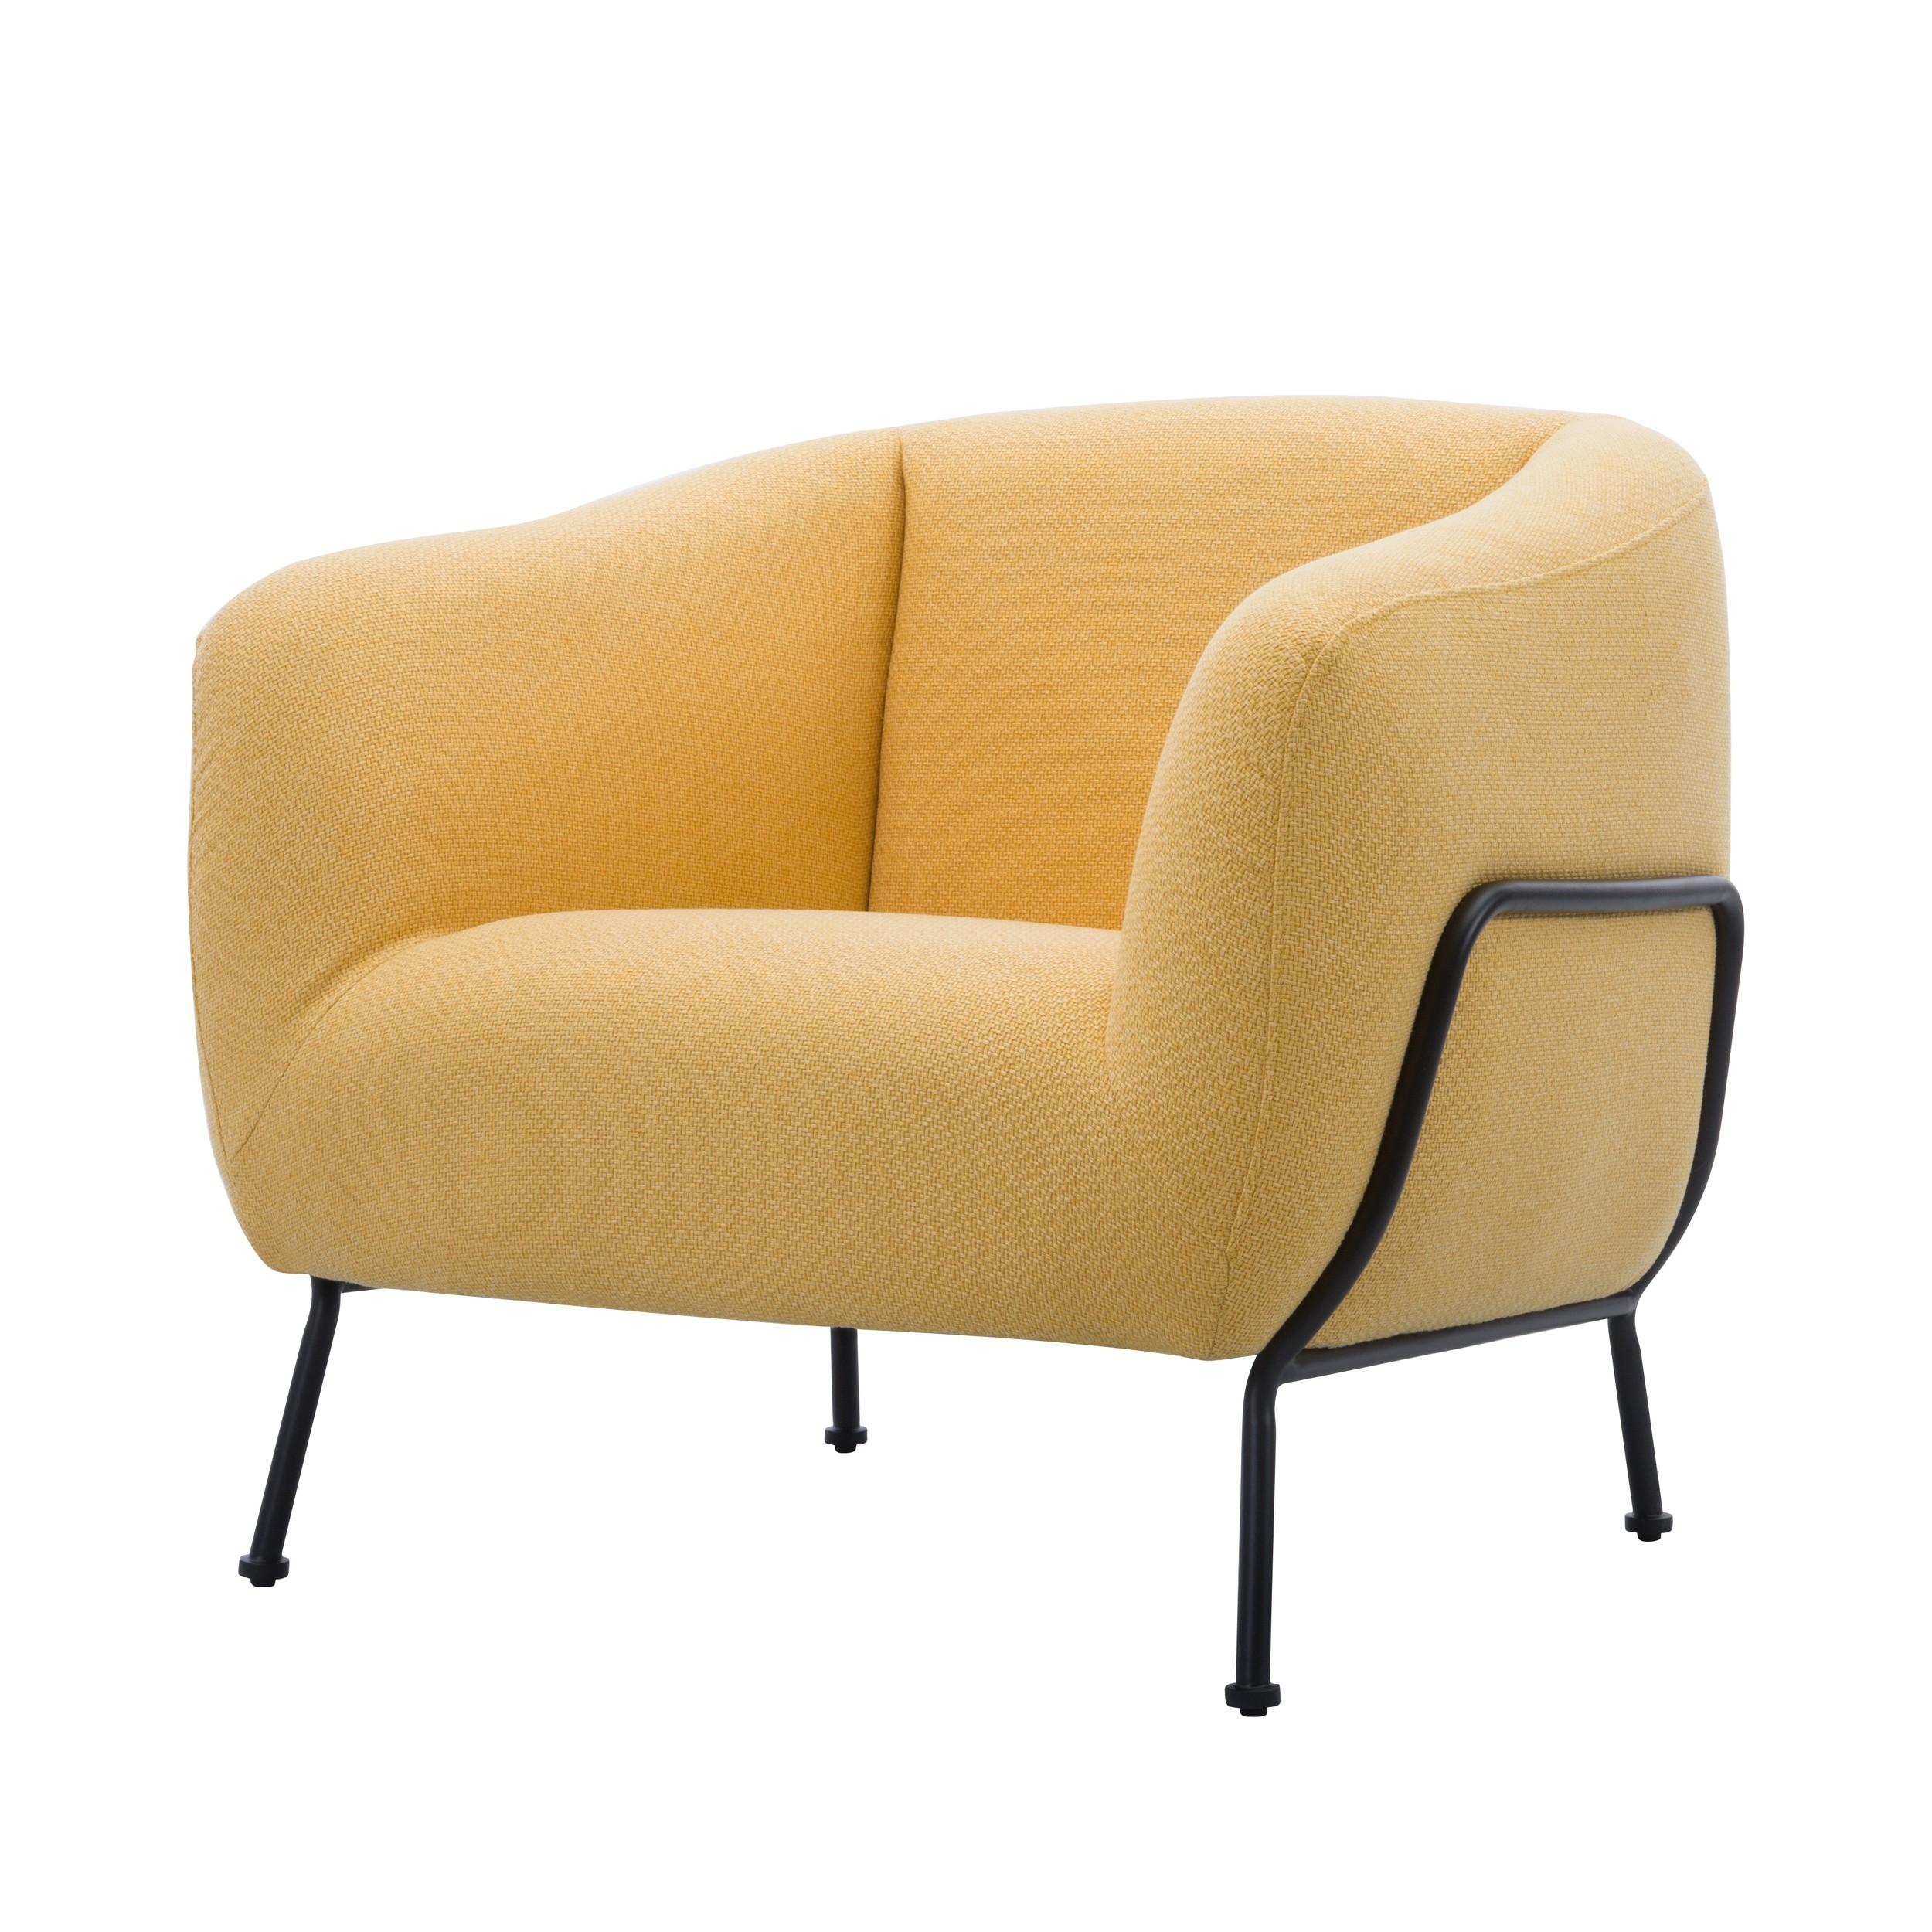 acheter fauteuil jaune en tissu pieds metal